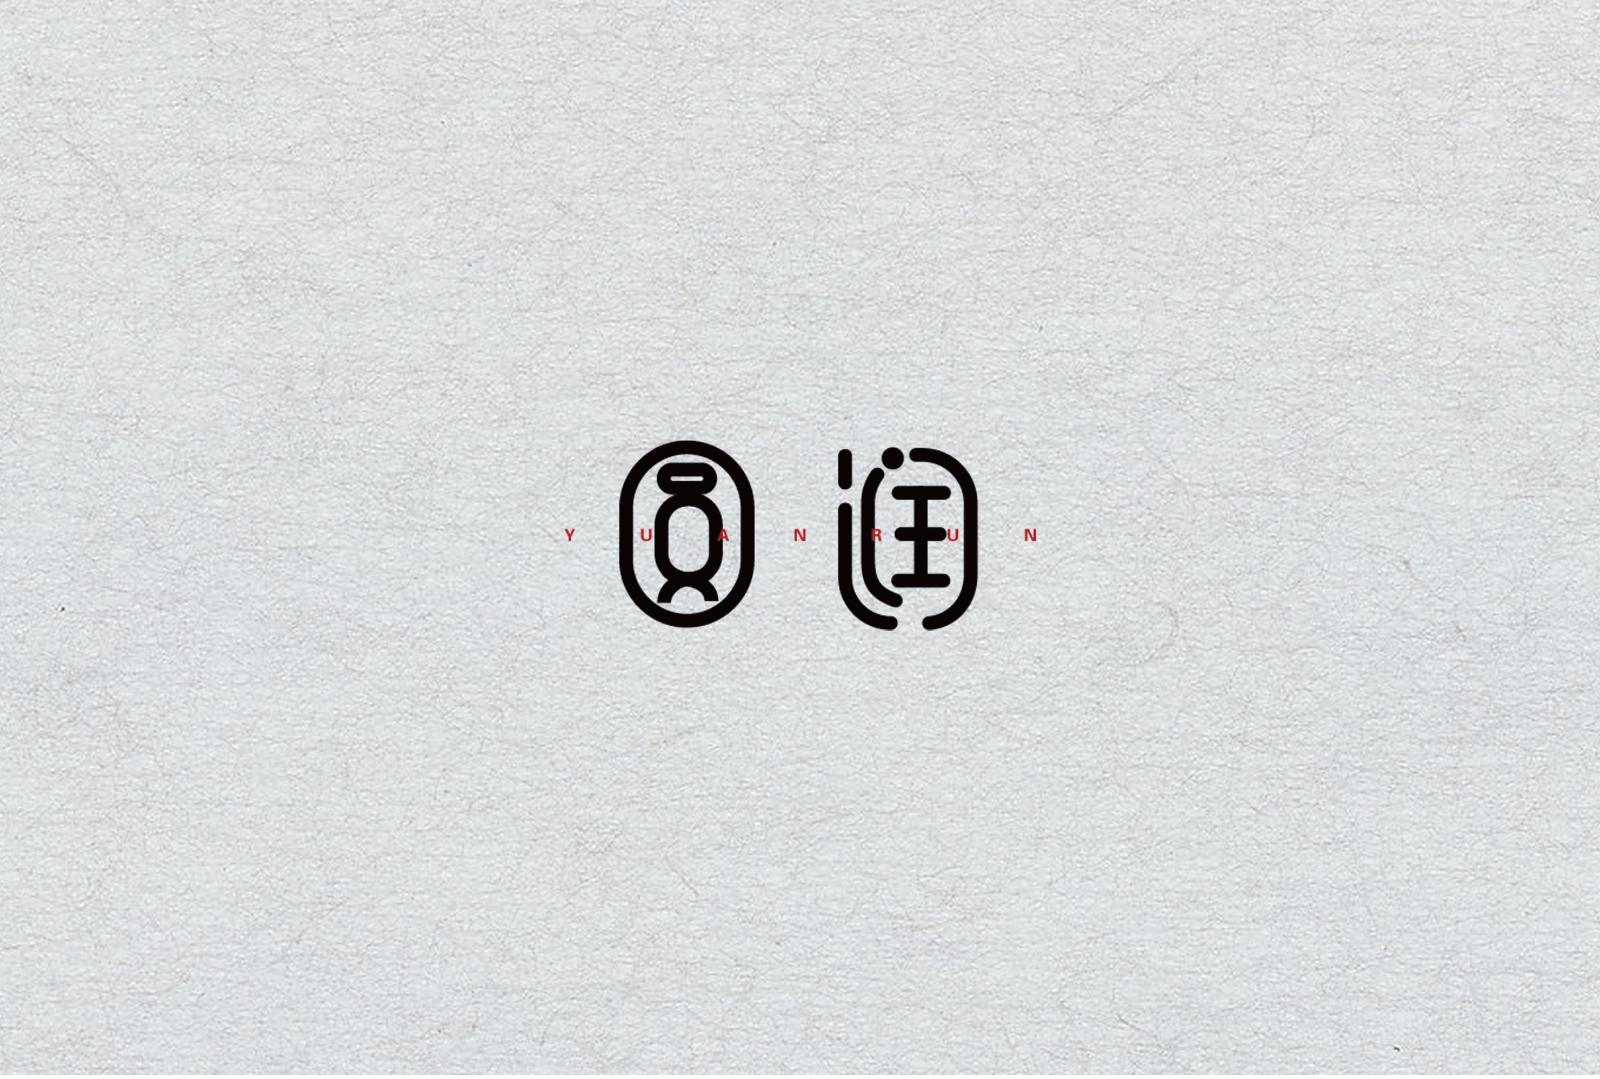 chinesefontdesign.com 2017 07 10 13 28 57 010369 14P Novel Chinese font design style